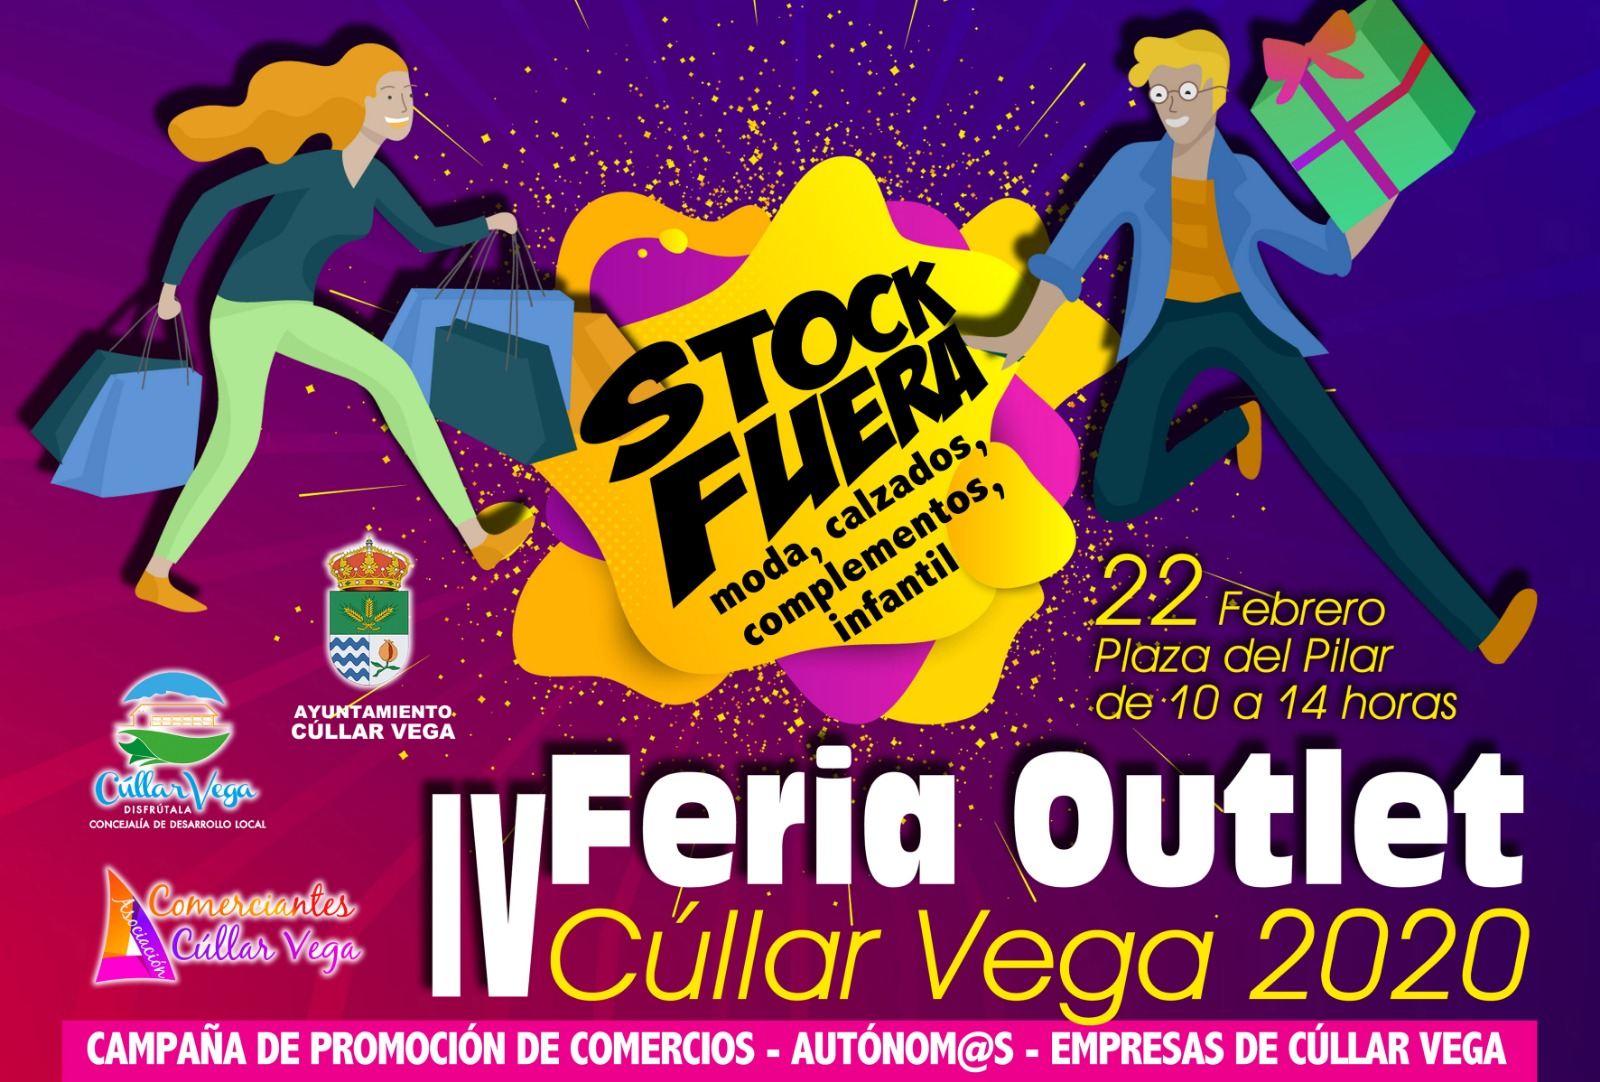 Cúllar Vega organiza una feria para liquidar el stock de su comercio